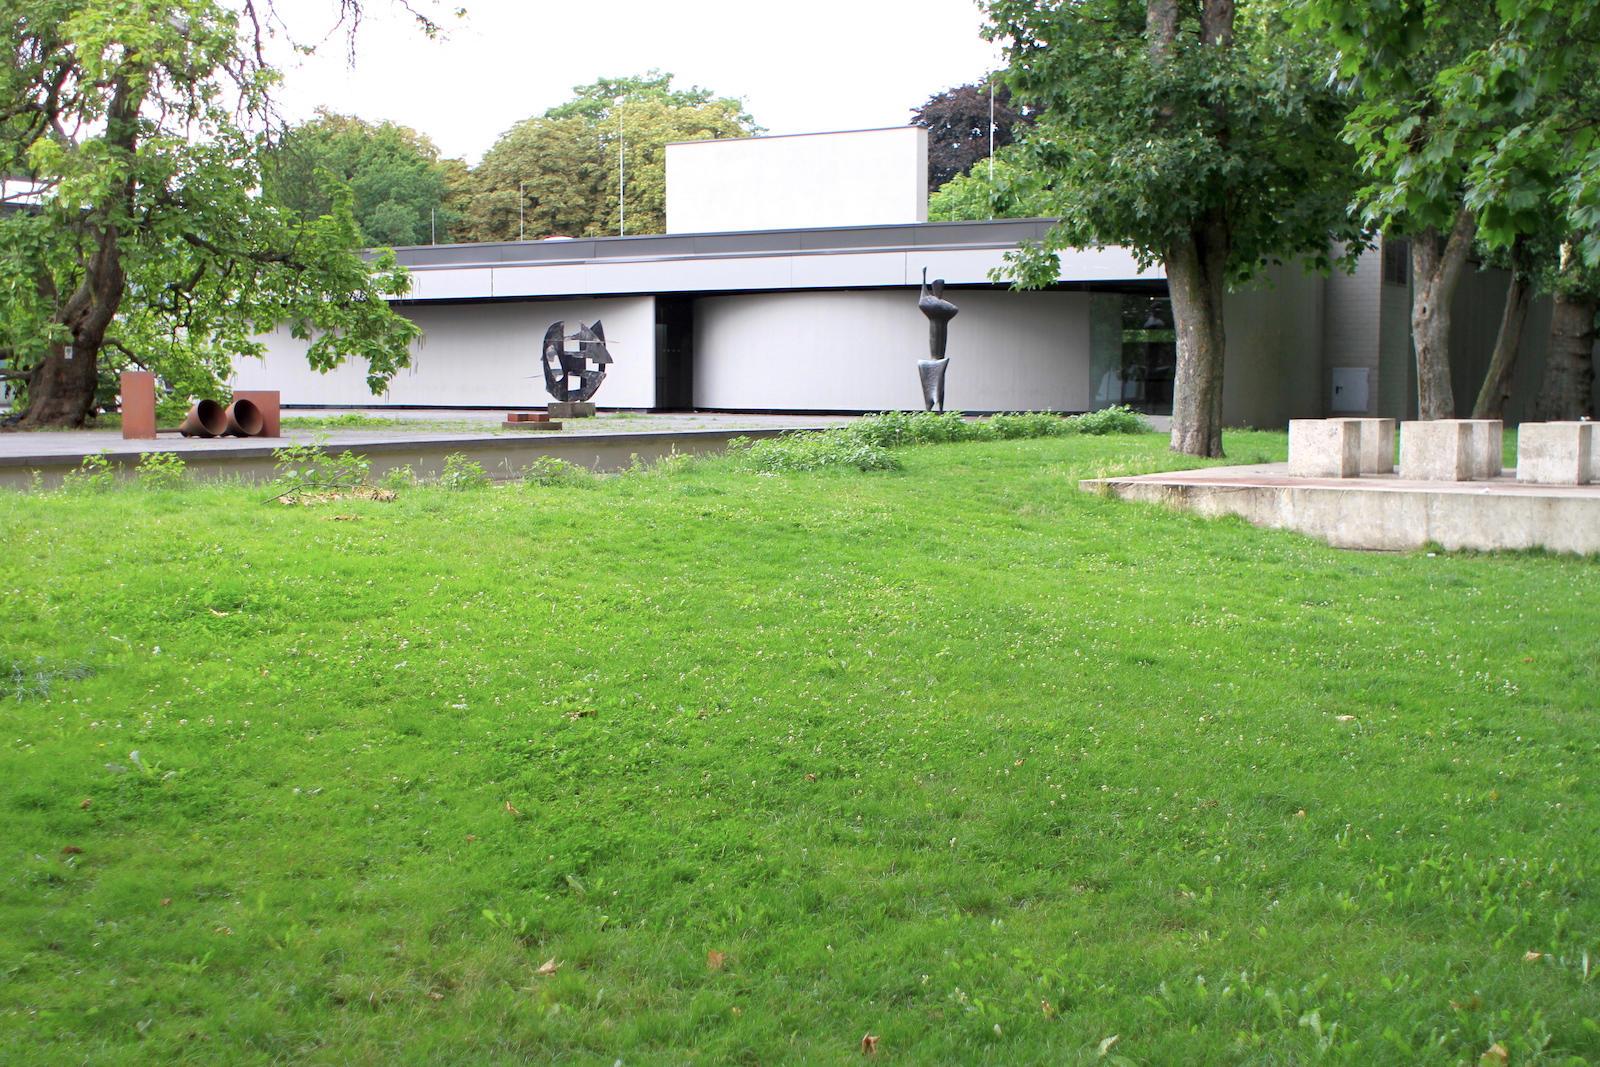 Lehmbruck Museum. Ein Skulpturenpark und eine Baukunst, die stellvertretend für die Entwicklung der Museumsarchitektur in Duisburg steht.